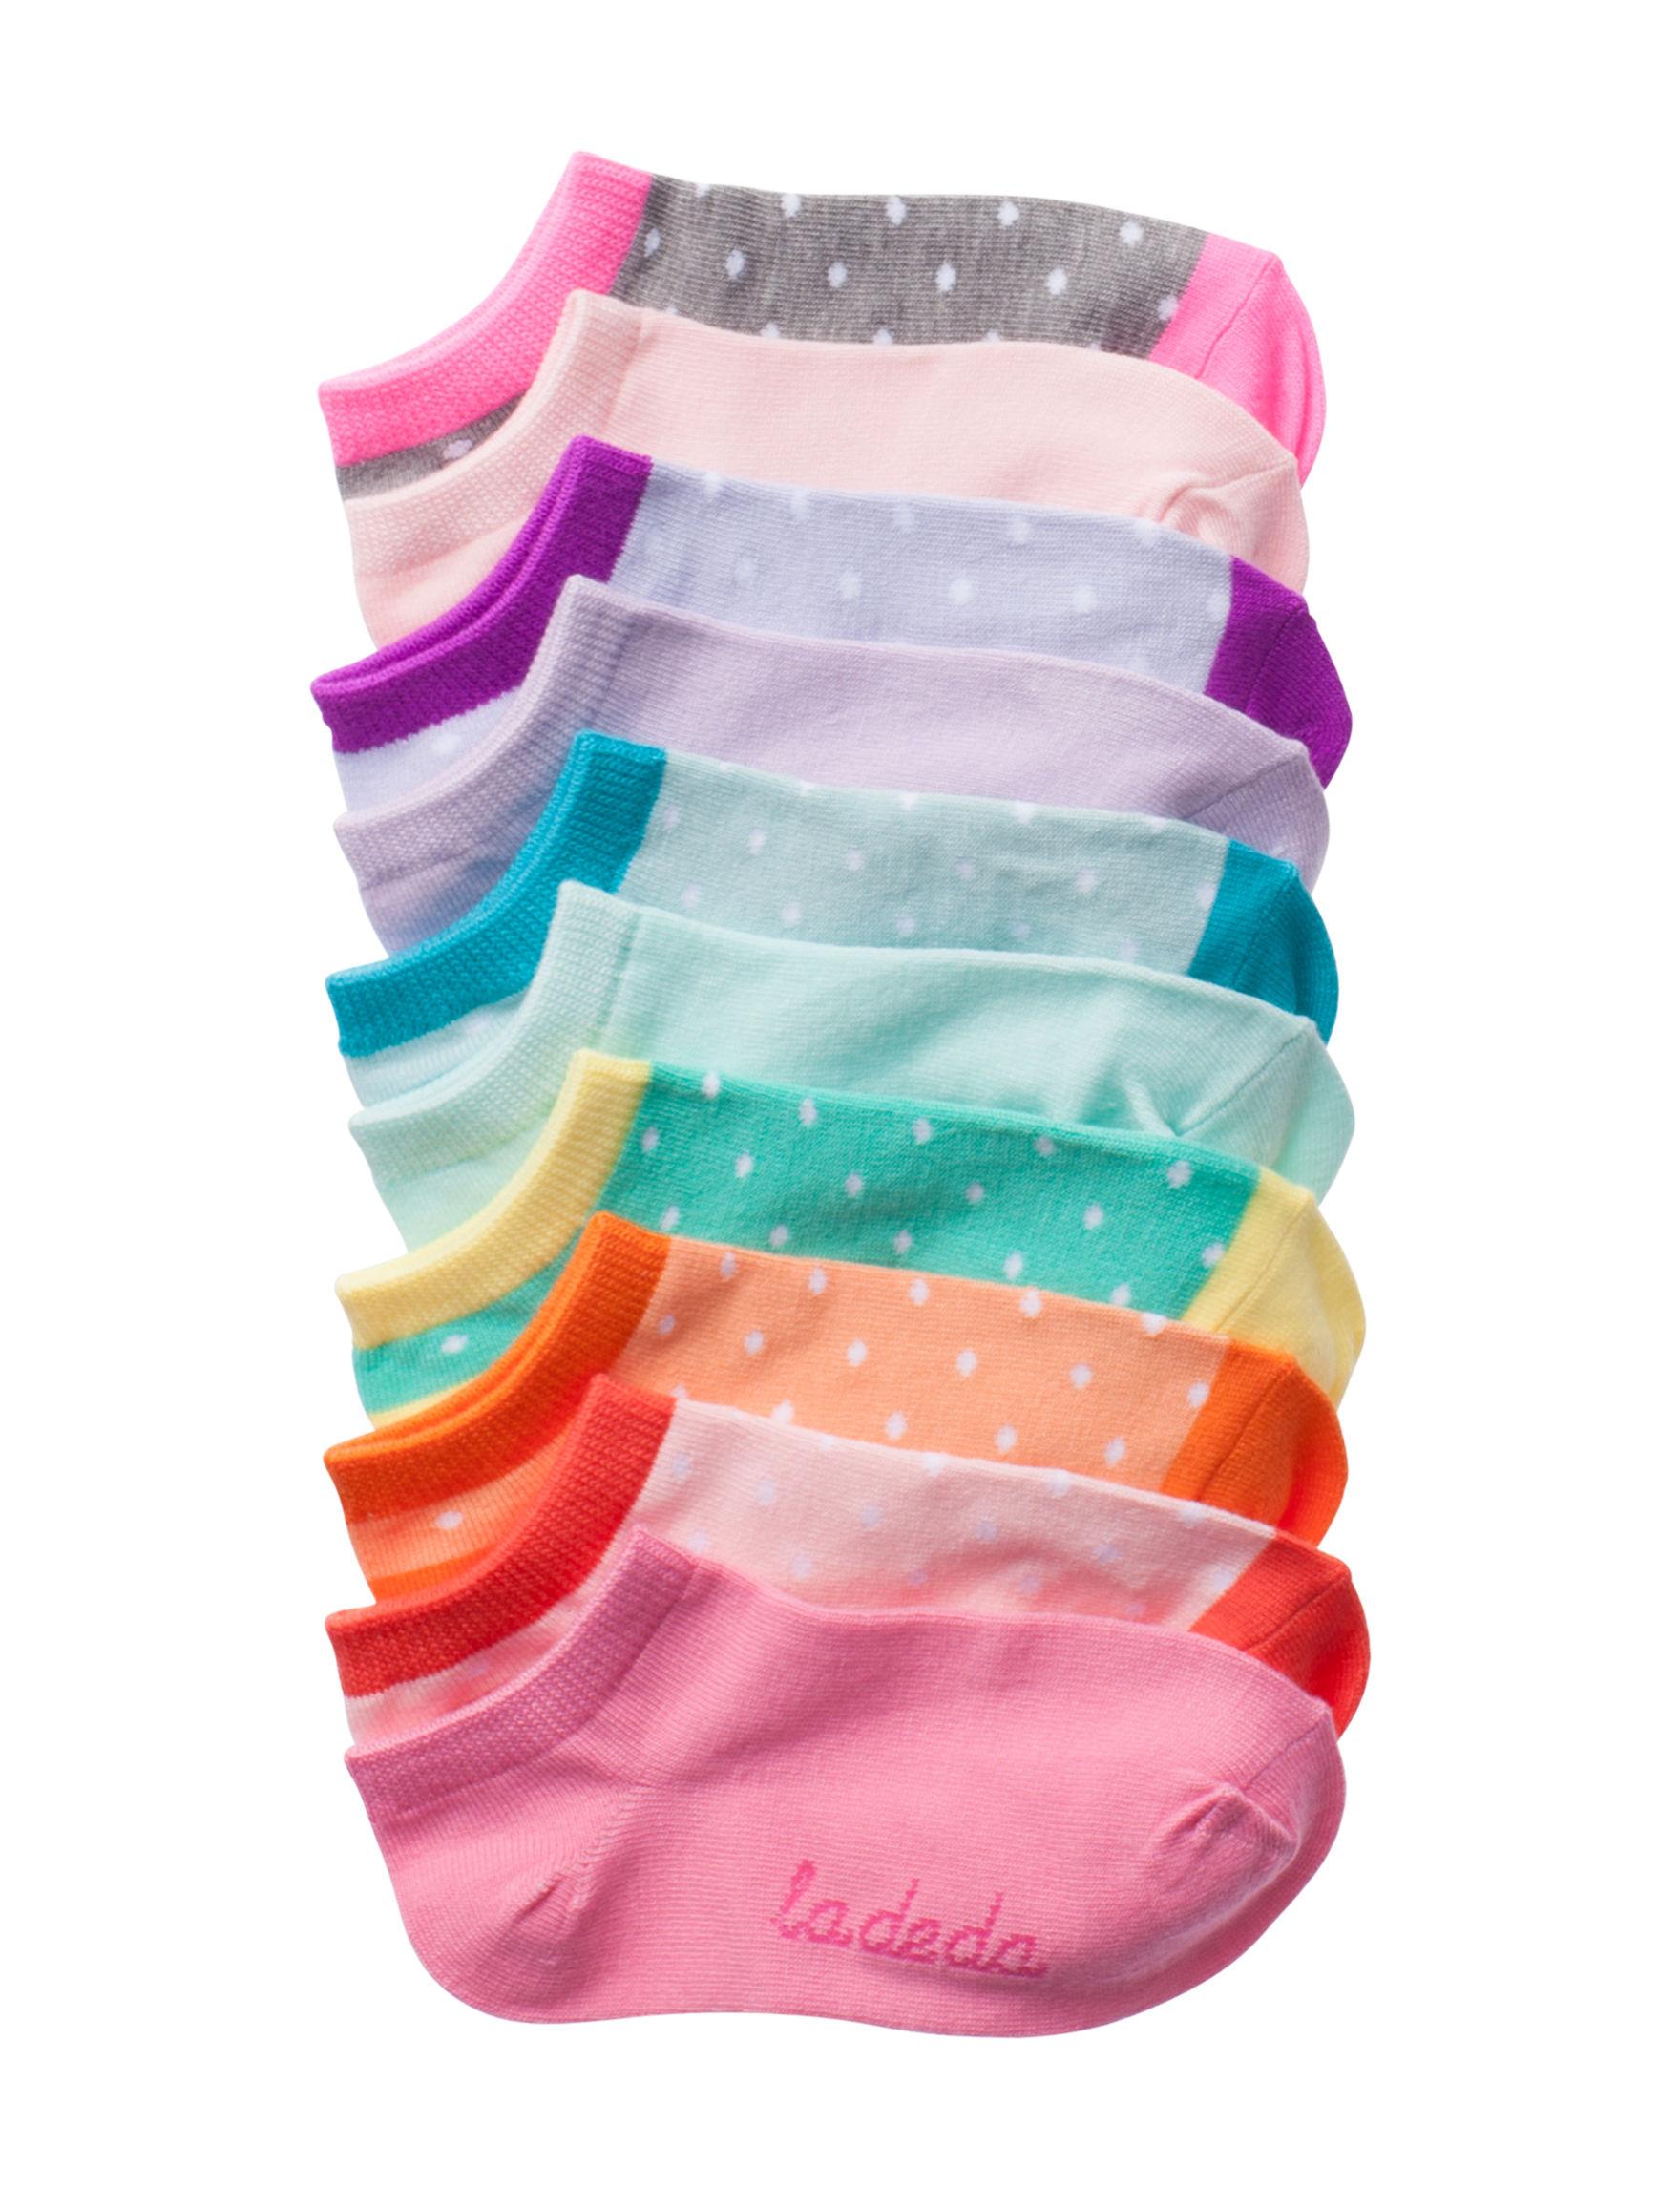 La De Da Multi Color Socks